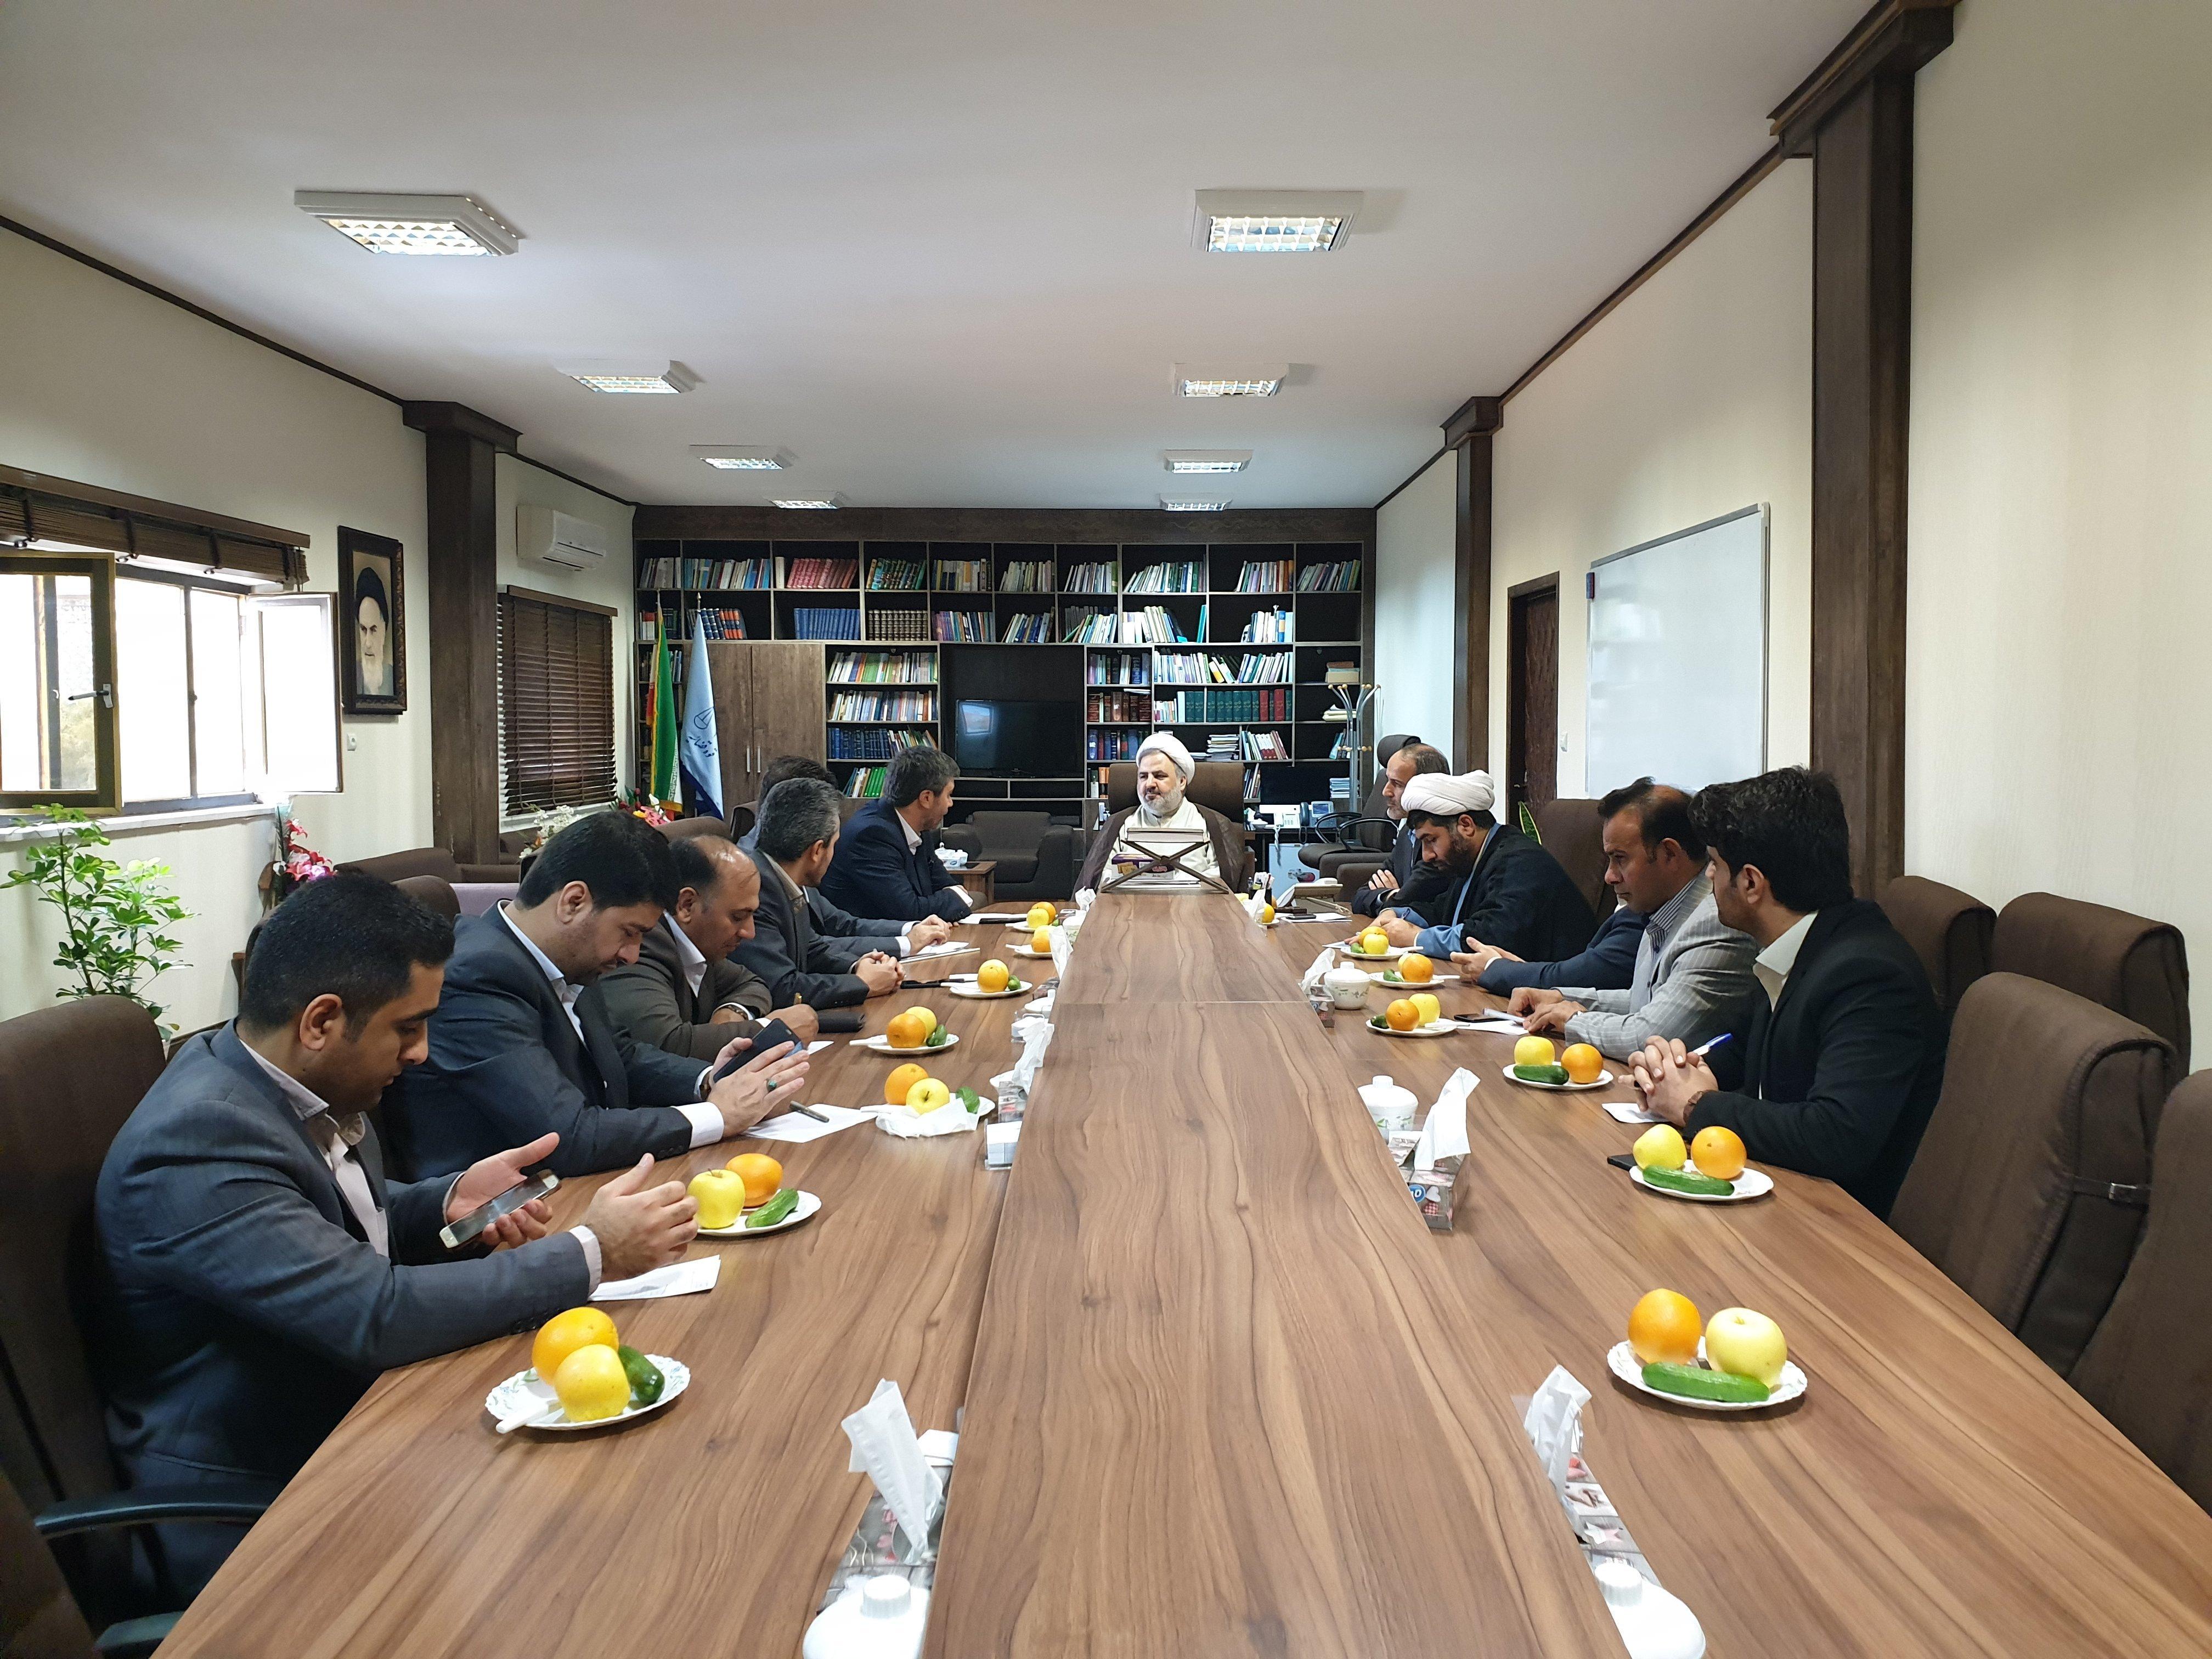 دیدار رئیس صندوق تامین خسارتهای بدنی کشور با رئیس دادگستری خوزستان